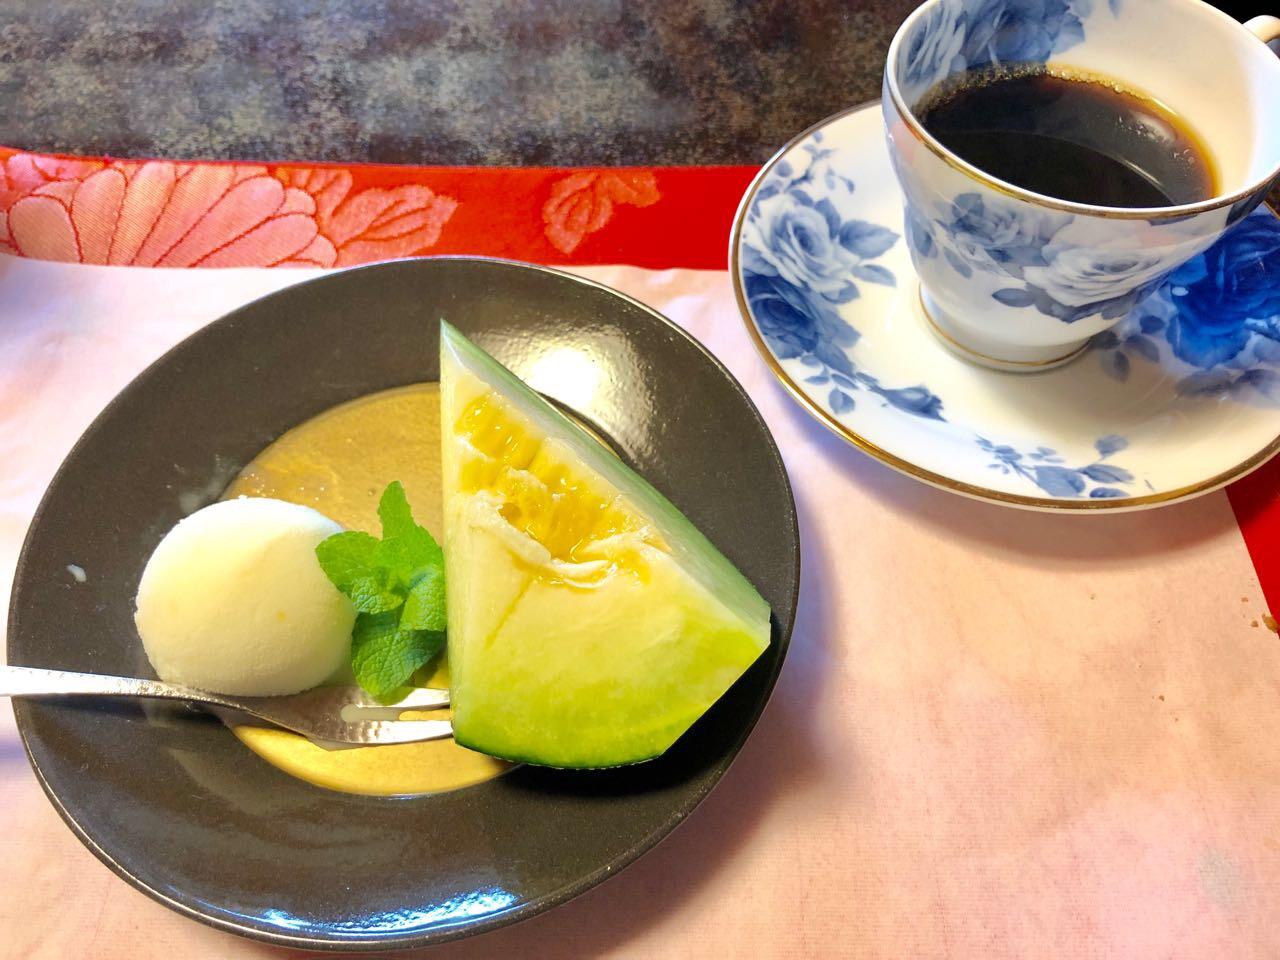 恵那市の食事水半茶寮のデザート